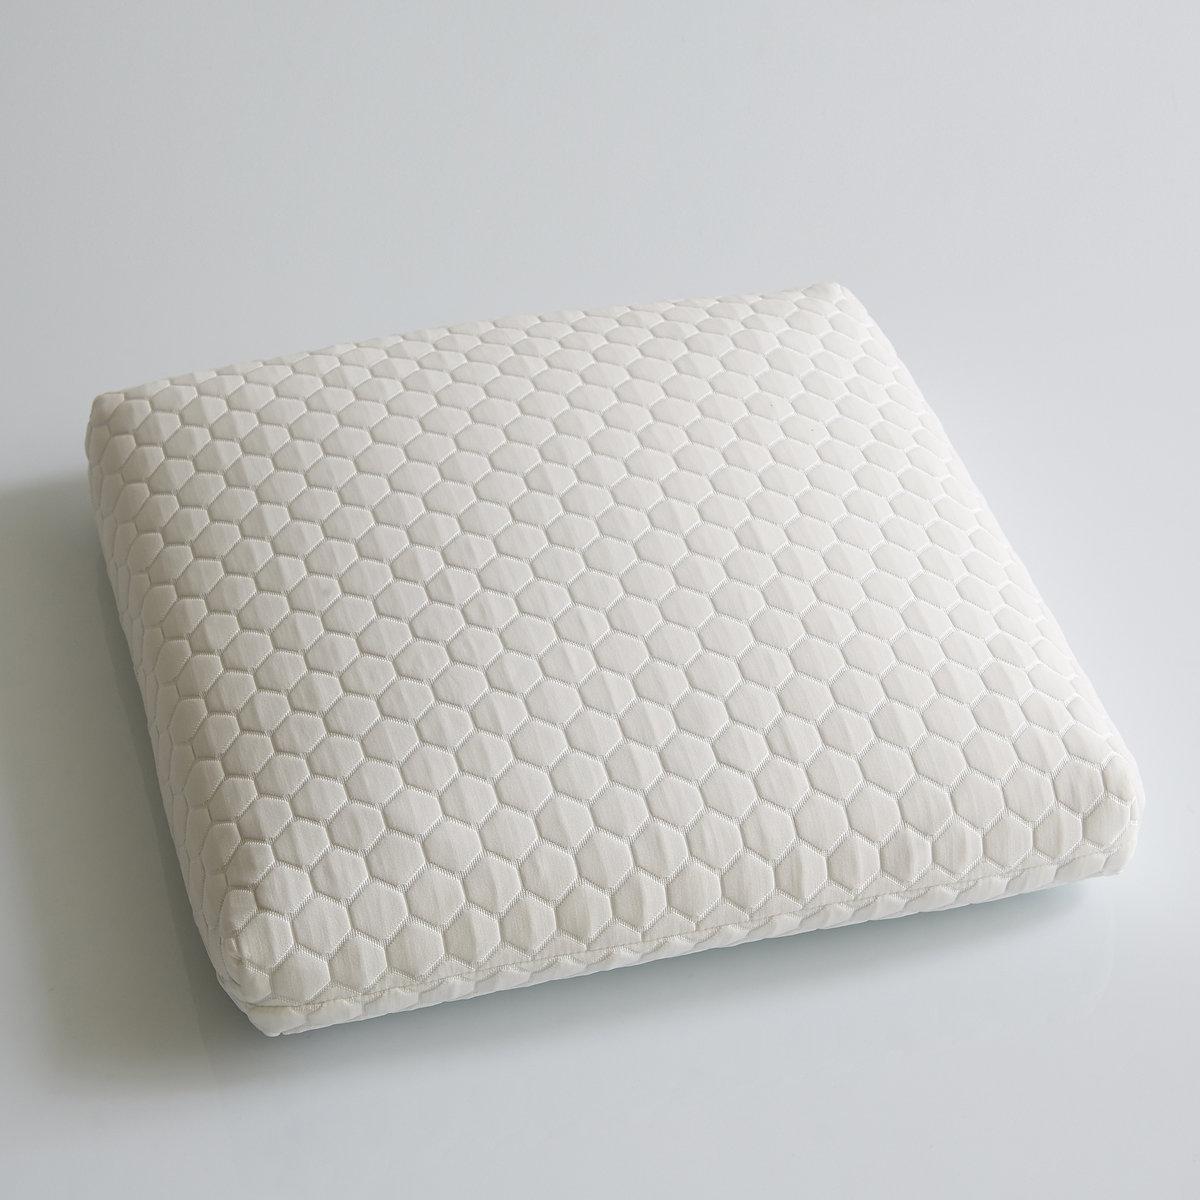 Подушка эргономичная Pilo GelДля спокойного и здорового сна выбирайте комфорт подушки Pilo Gel . Невероятно мягкая и качественная подушка с микроперфорацией и прекрасной вентиляцией, ваш сон будет ангельским!Ее вязкоэластичный наполнитель с микроперфорацией и памятью формы, а также с пропускающими воздух гелевыми микрогранулами дарит ощущение непередаваемой свежести.Облегает затылок, поддерживает шейный отдел, принимает любую форму !Описание эргономичной подушки: Внешняя съемная наволочка  70% полиэстера, 30% полиамида.- Застежка на молнию.Внутренний чехол из хлопкового джерси.Машинная стирка 30°C.Характеристики эргономичной подушки: Наполнитель : вязкоэластичный наполнитель на основе геля Aquagel, улучшает отведение влаги и дарит ощущение свежести. Исключает мышечные сокращения и напряжения на шейный отдел позвоночника и обеспечивает ему отличную поддержку . Принимает быстро свою форму и прекрасно подстраивается под вашу морфологию.Съемный чехол  + съемная наволочка.Комфорт : упругаяПродается в прозрачном чехле с ручкой.Найдите всю коллекцию постельных принадлежностей на сайте laredoute.ruРазмеры эргономичной подушки : Модель 1 : 55 x 55 x 13 смМодель 2 : 40 x 60 x 13 см.<br><br>Цвет: белый<br>Размер: 40 x 60 см